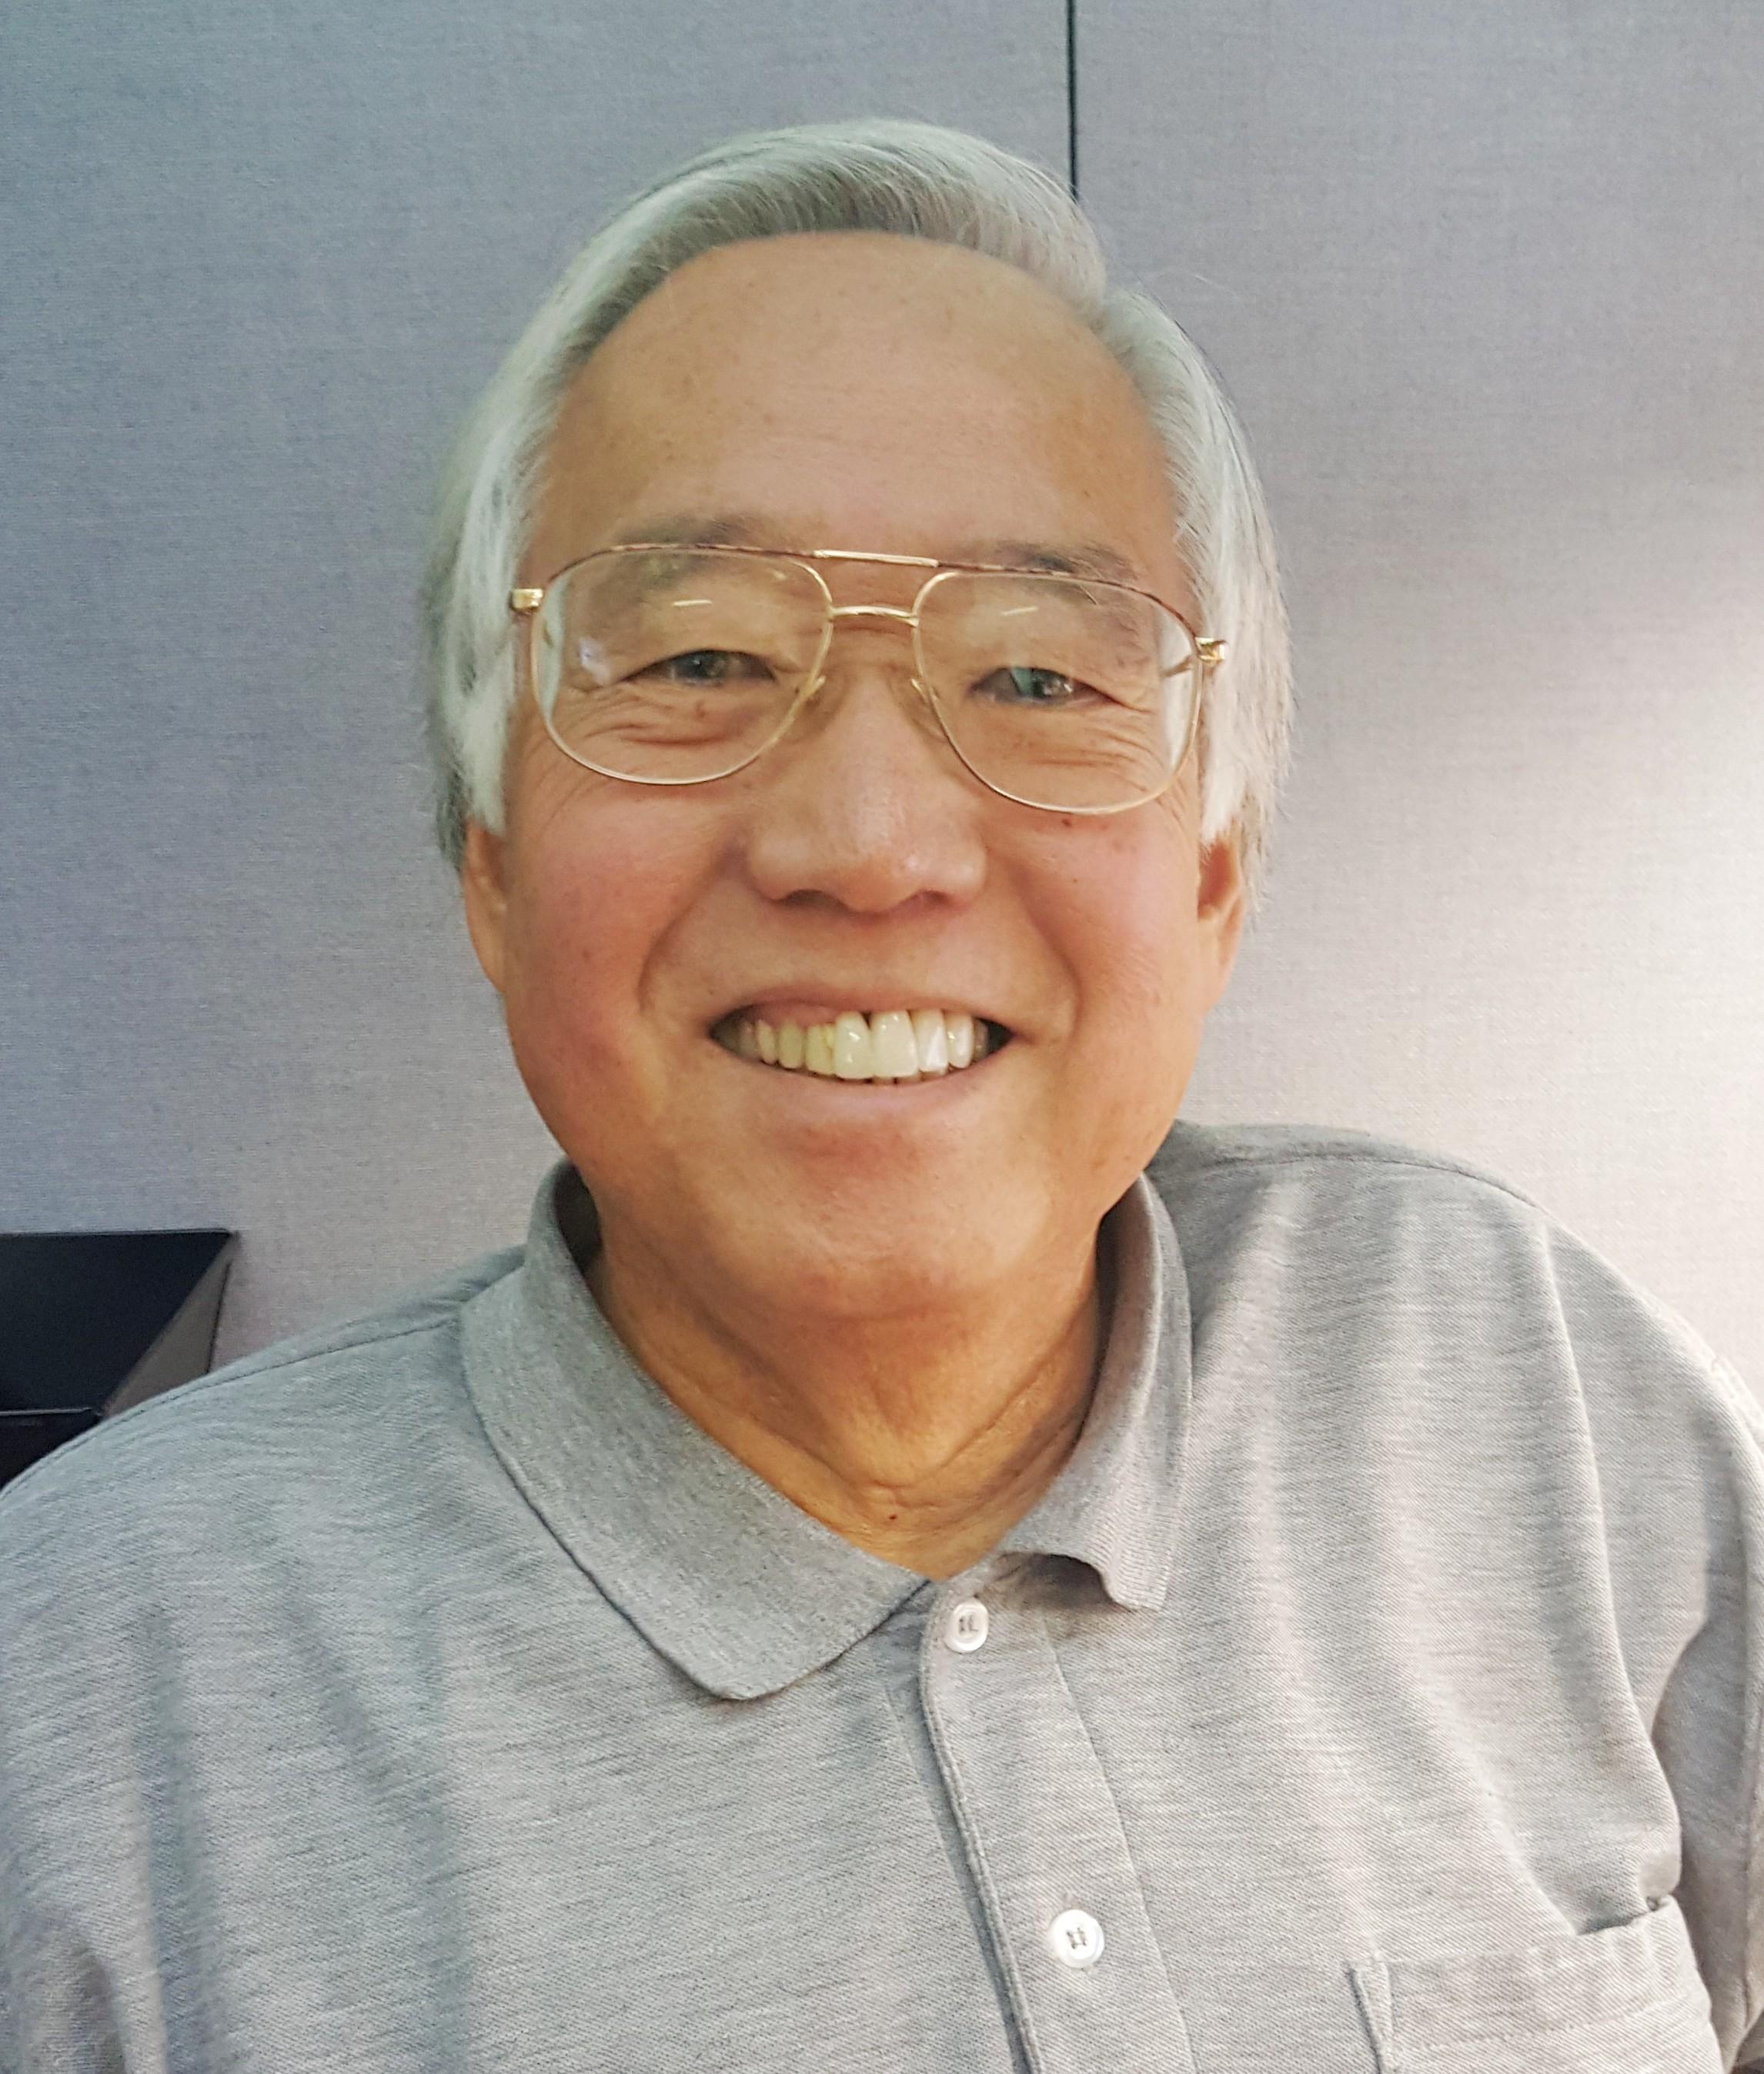 DENNIS SHOICHI TAGASHIRA